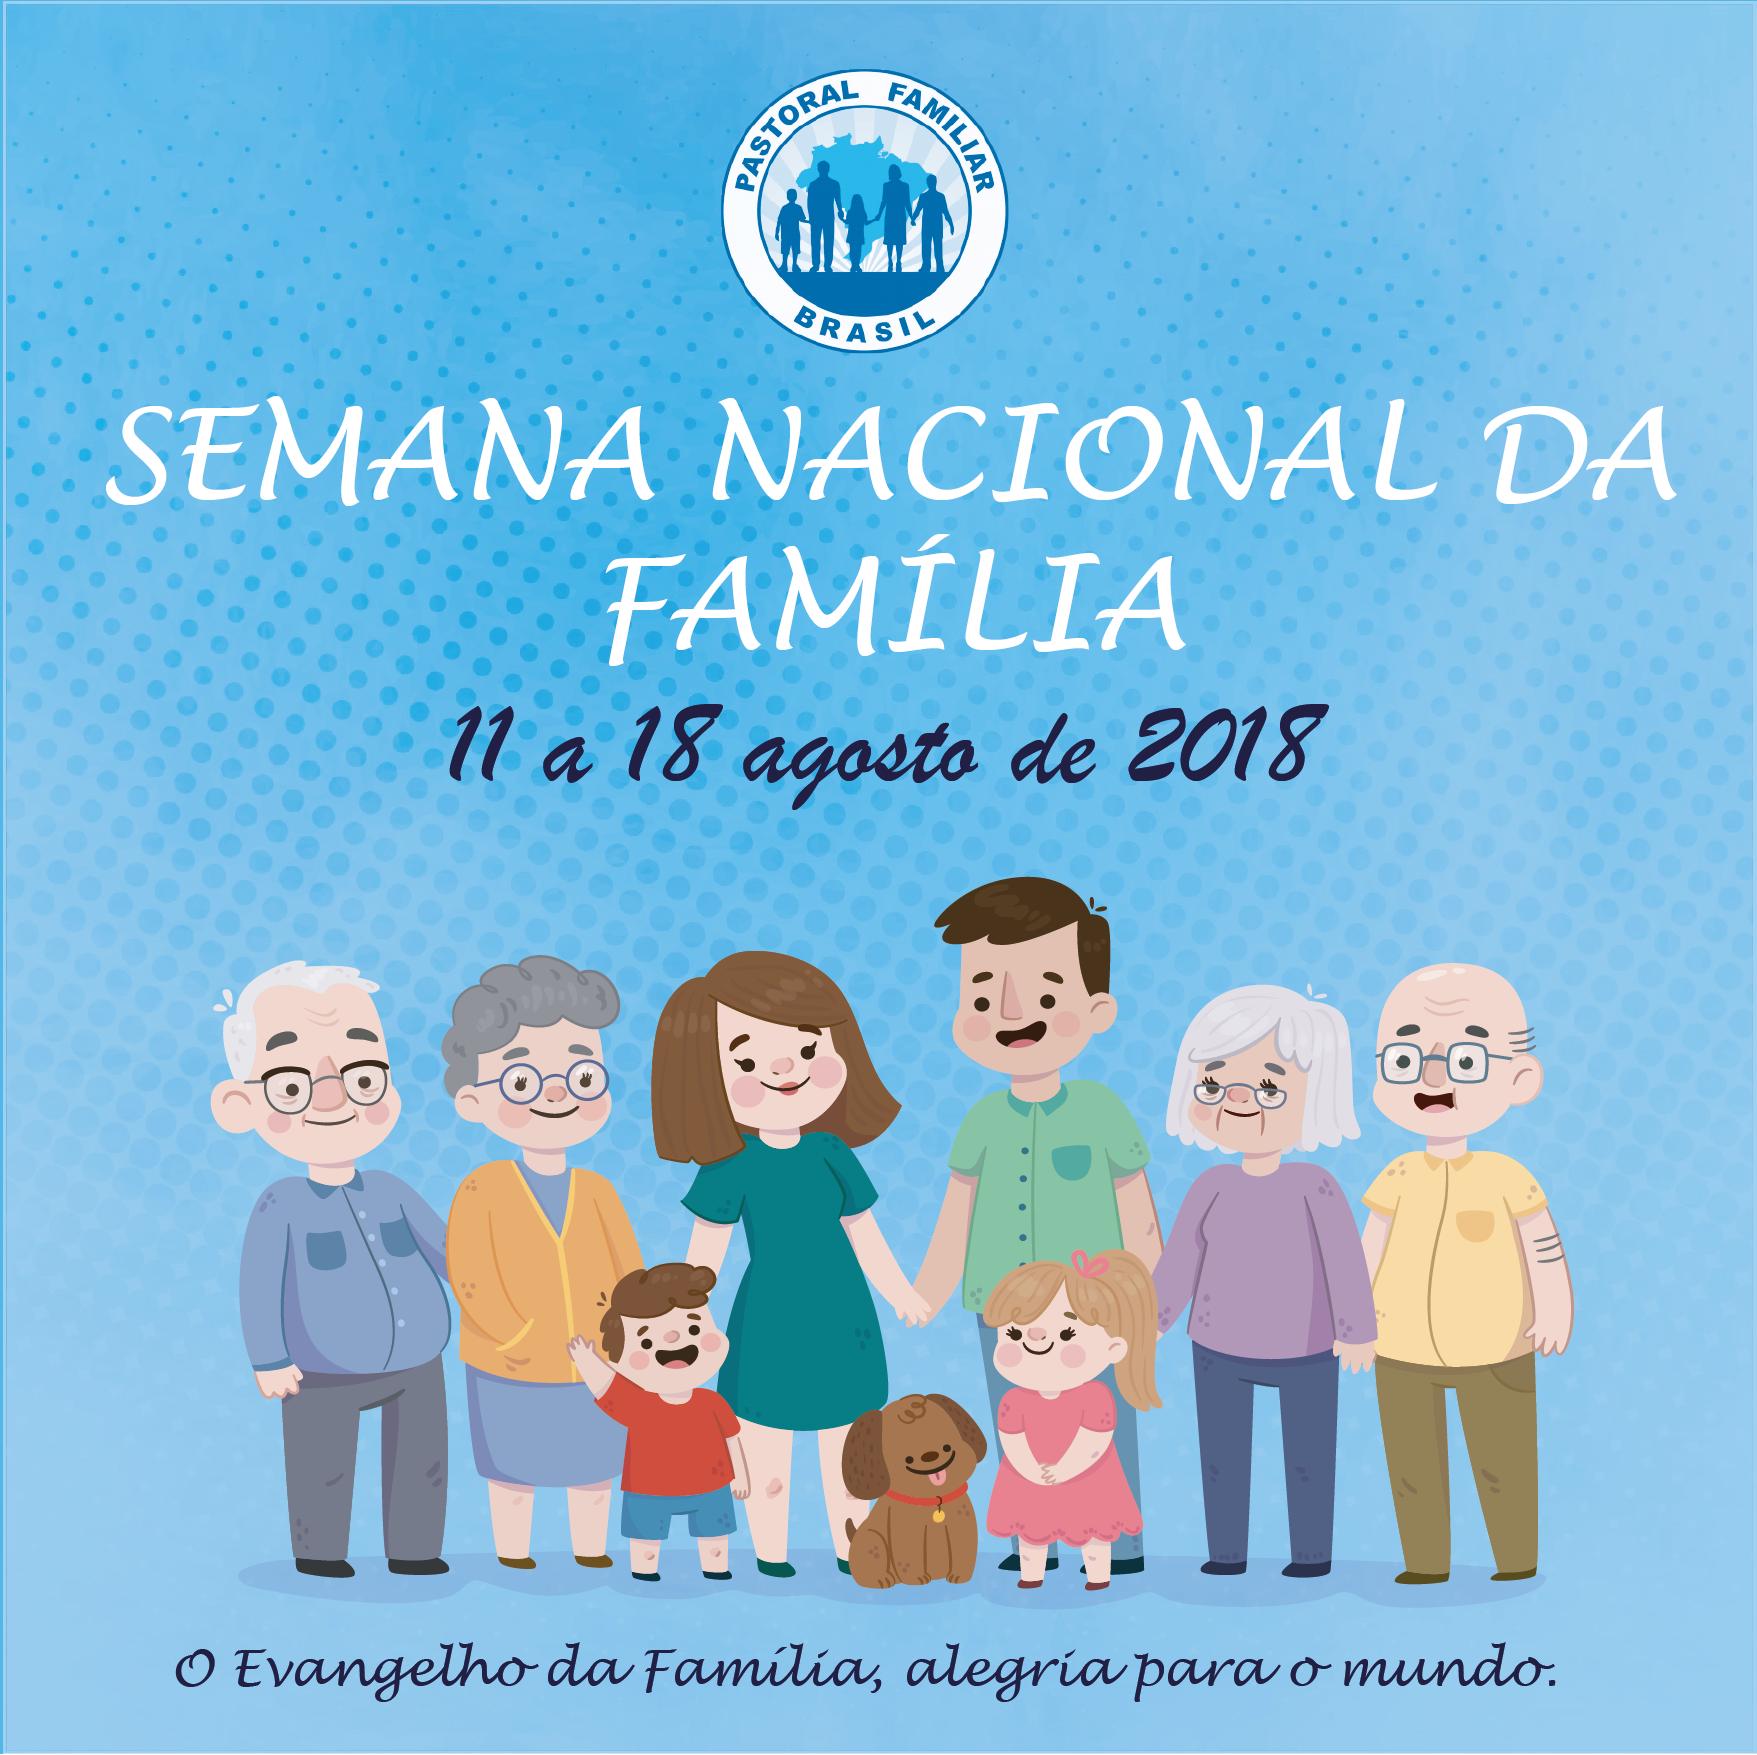 Semana Nacional da Família 2018